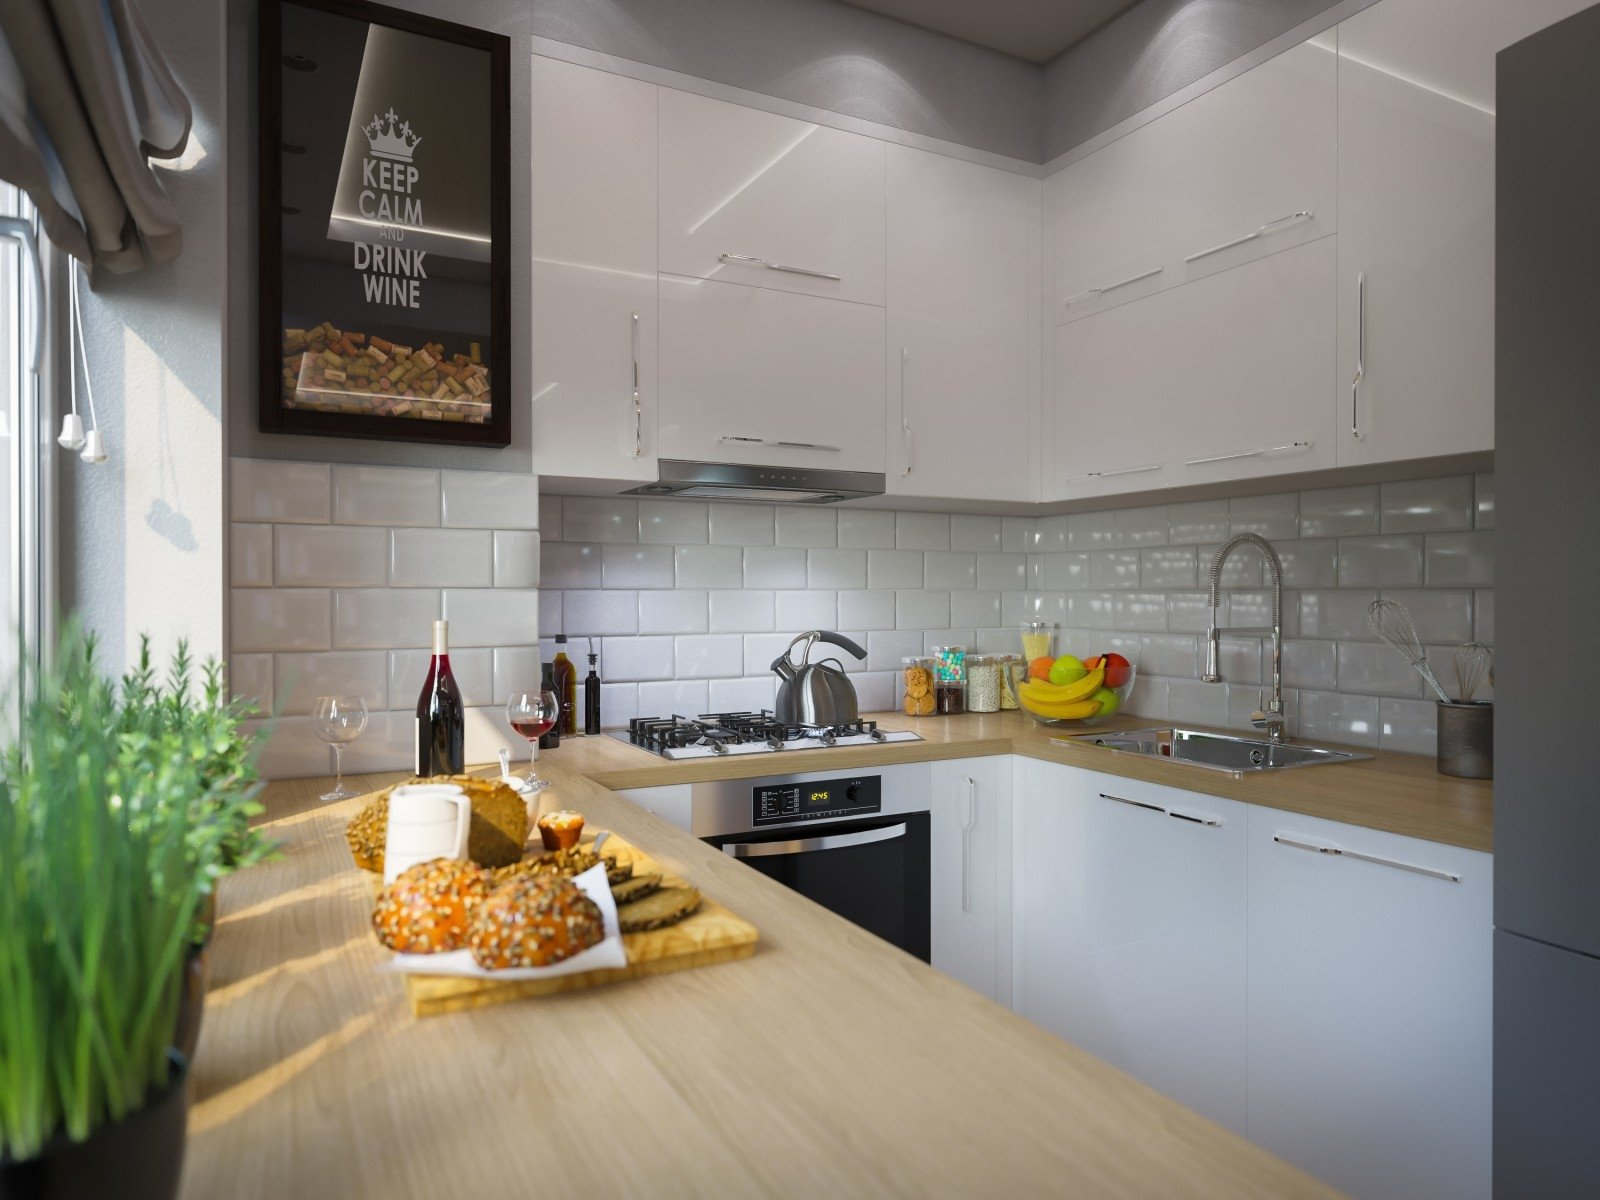 Kaip protingai rengti ma virtuv 7 paprasti sprendimai delfi b stas - Idee in cucina ...